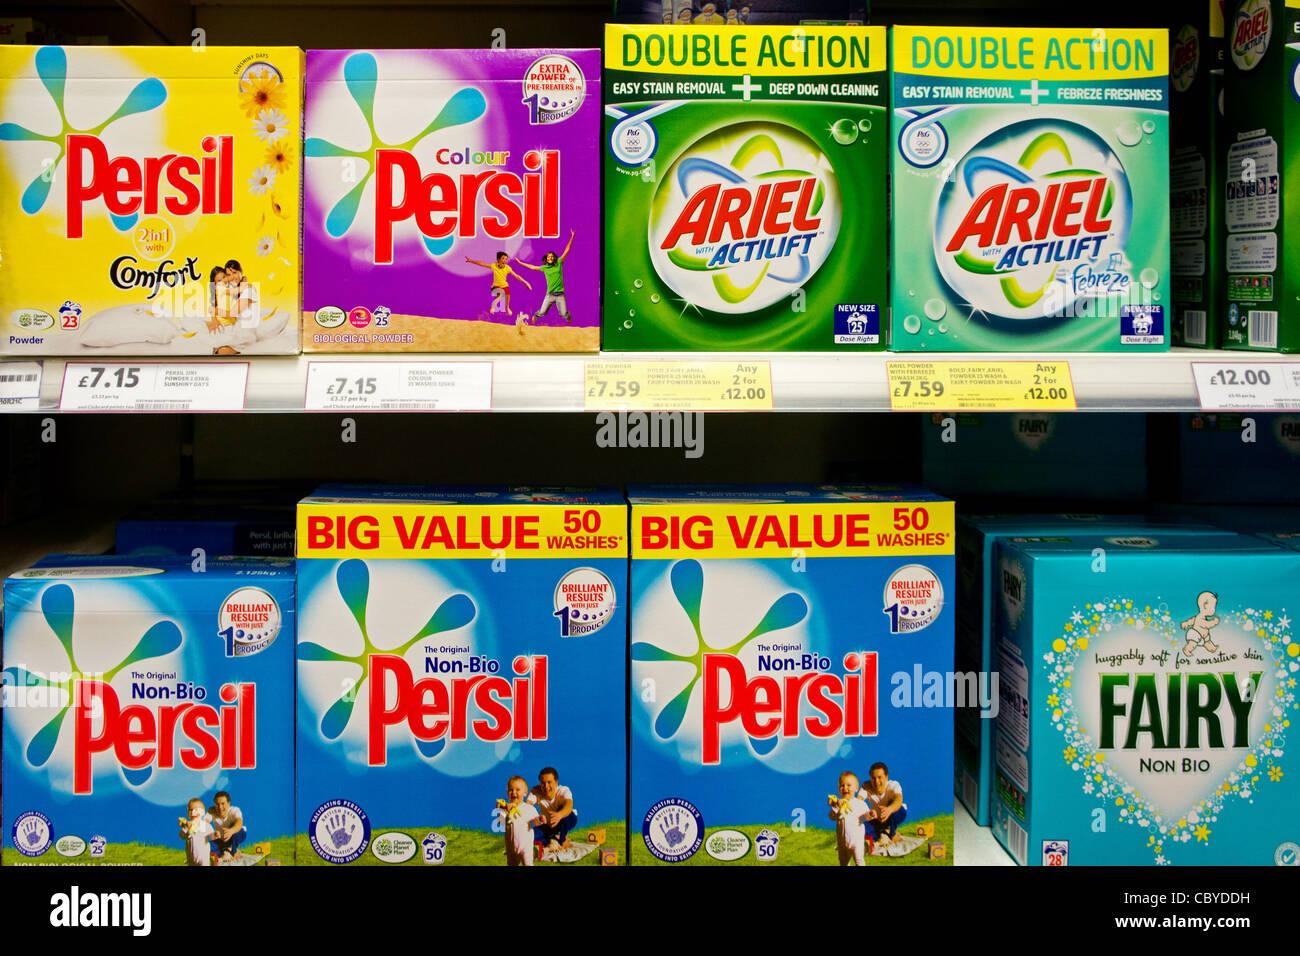 Boxes of Persil washing powder on a supermarket shelf, UK - Stock Image